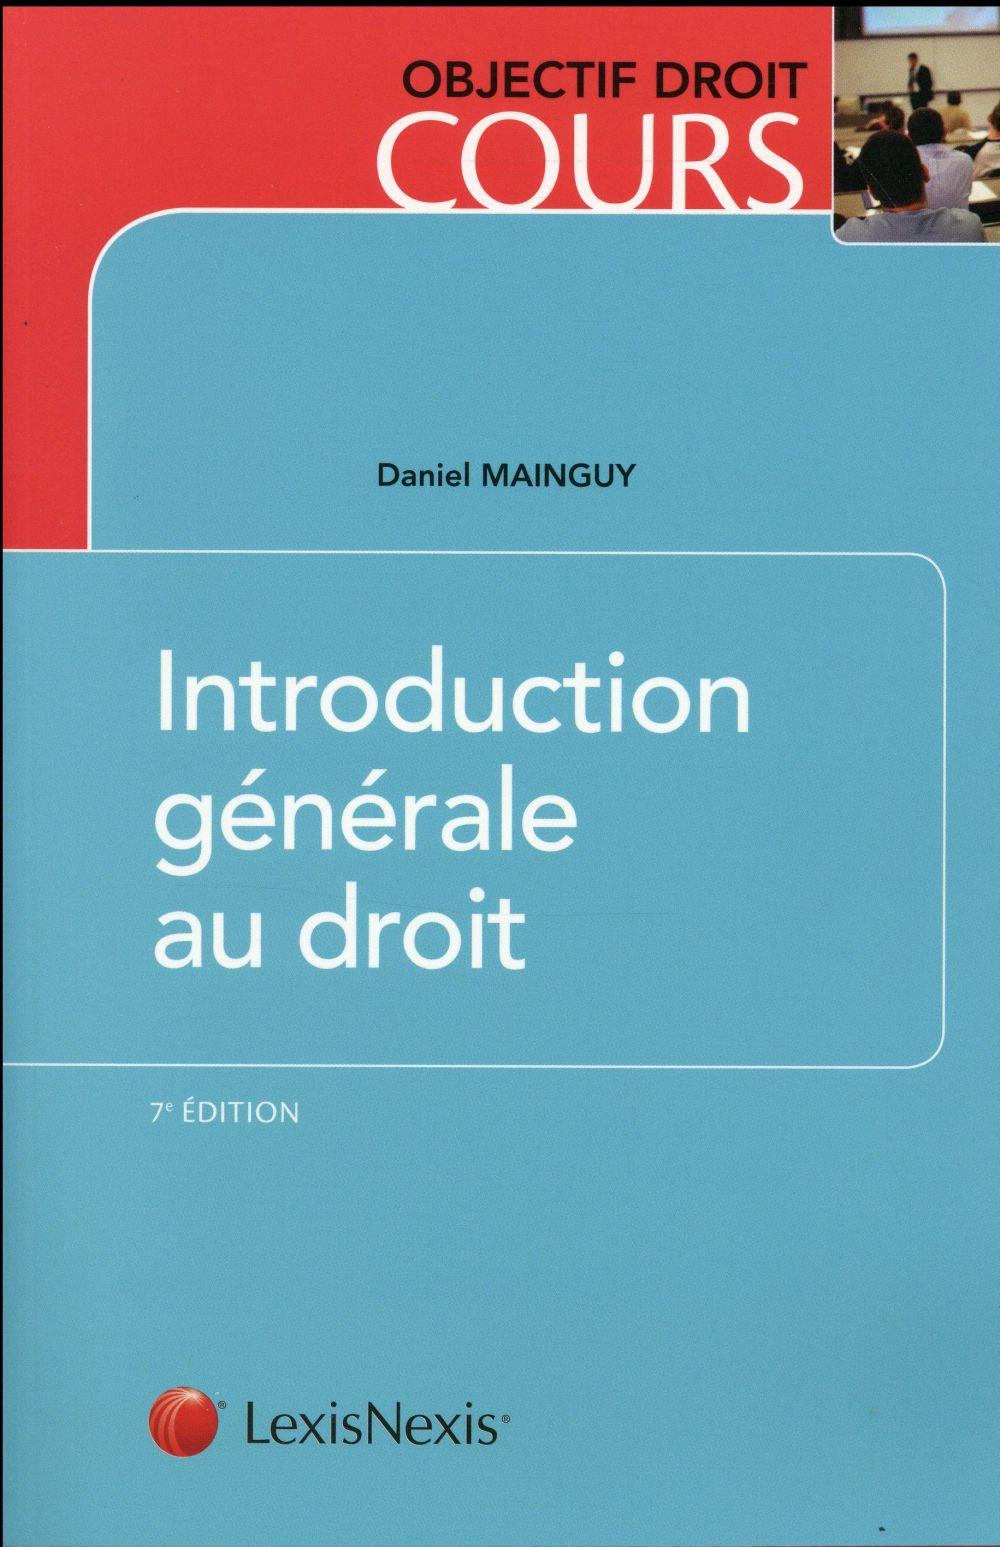 INTRODUCTION GENERALE AU DROIT